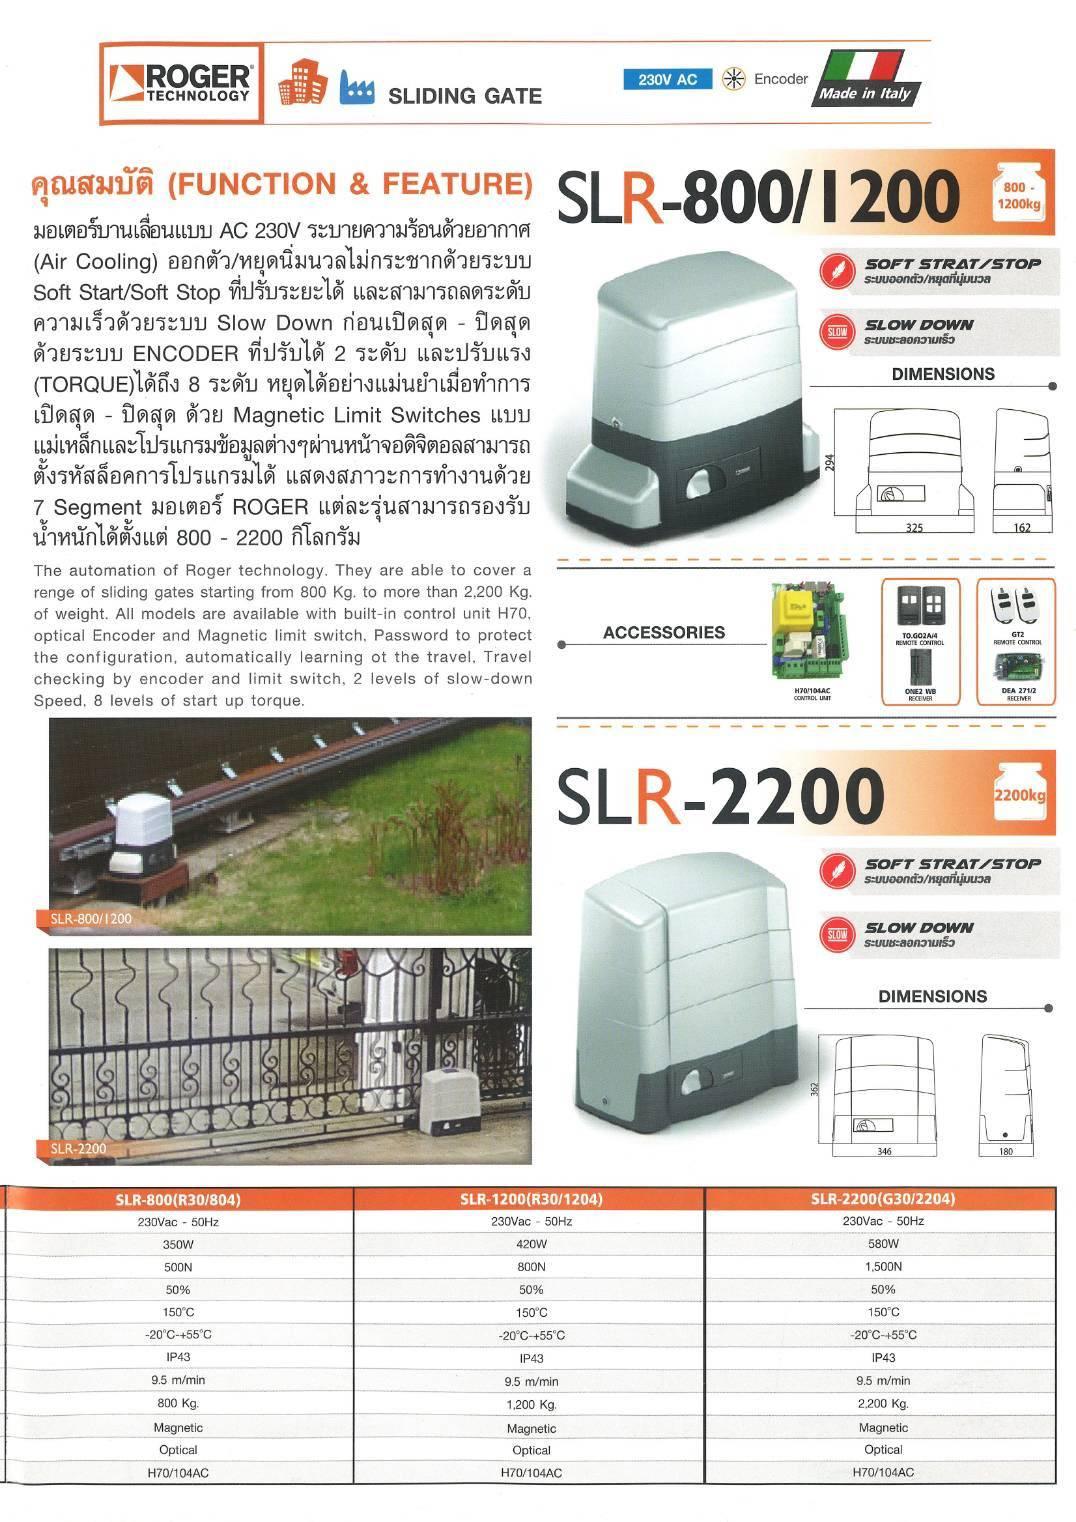 ประตูรีโมท บานเลื่อน Roger รุ่น SLR-800/1200